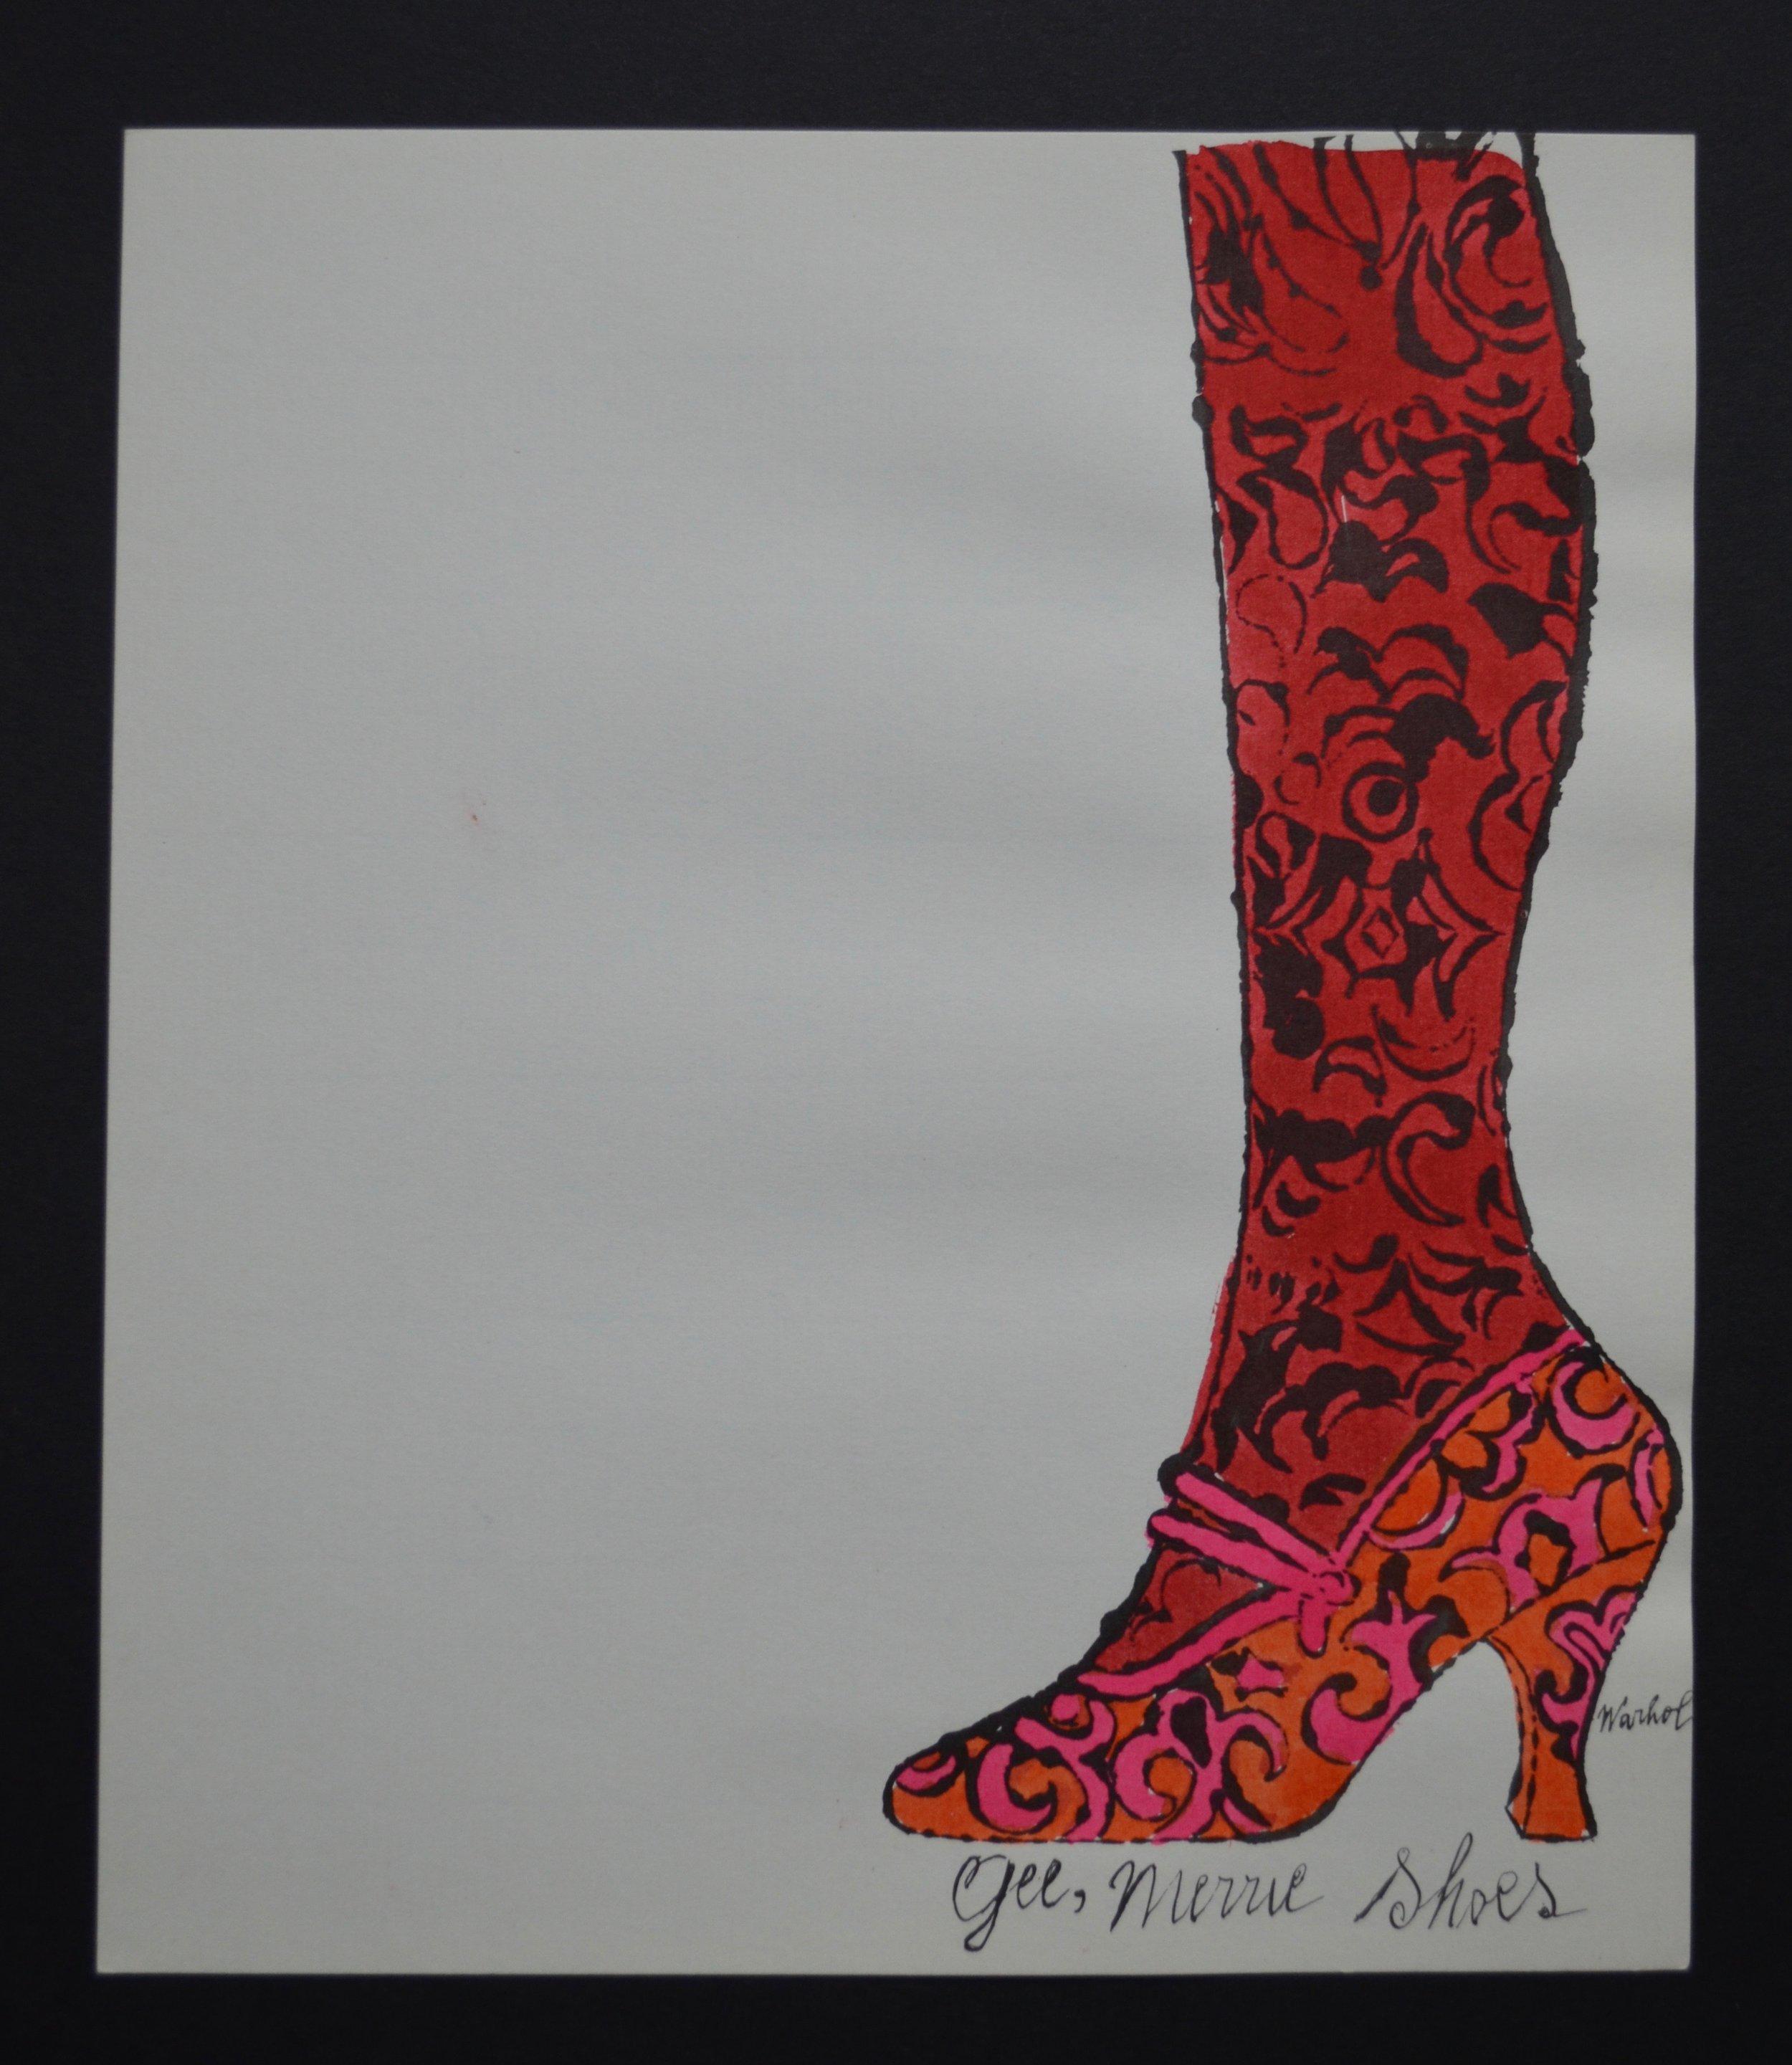 Andy Warhol - Gee Merrie Shoe